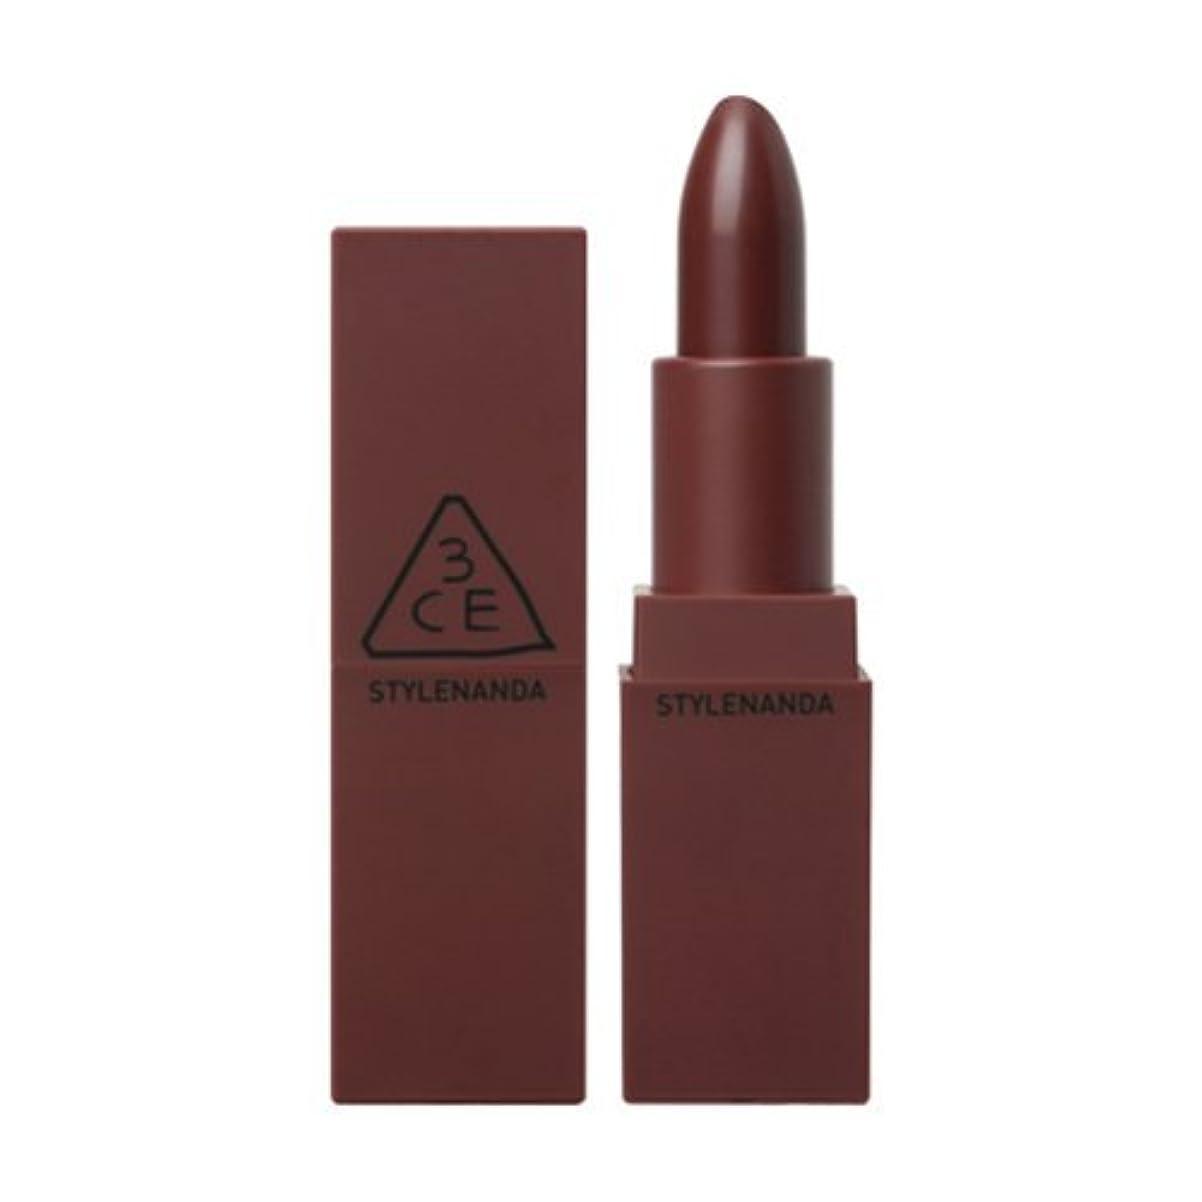 重大別のスラダムSTYLE NANDA 3CE MOOD RECIPE マットリップ リップスティック カラー#117 Chicful 3.5g / STYLE NANDA 3CE MOOD RECIPE MATTE LIP Lipstick...